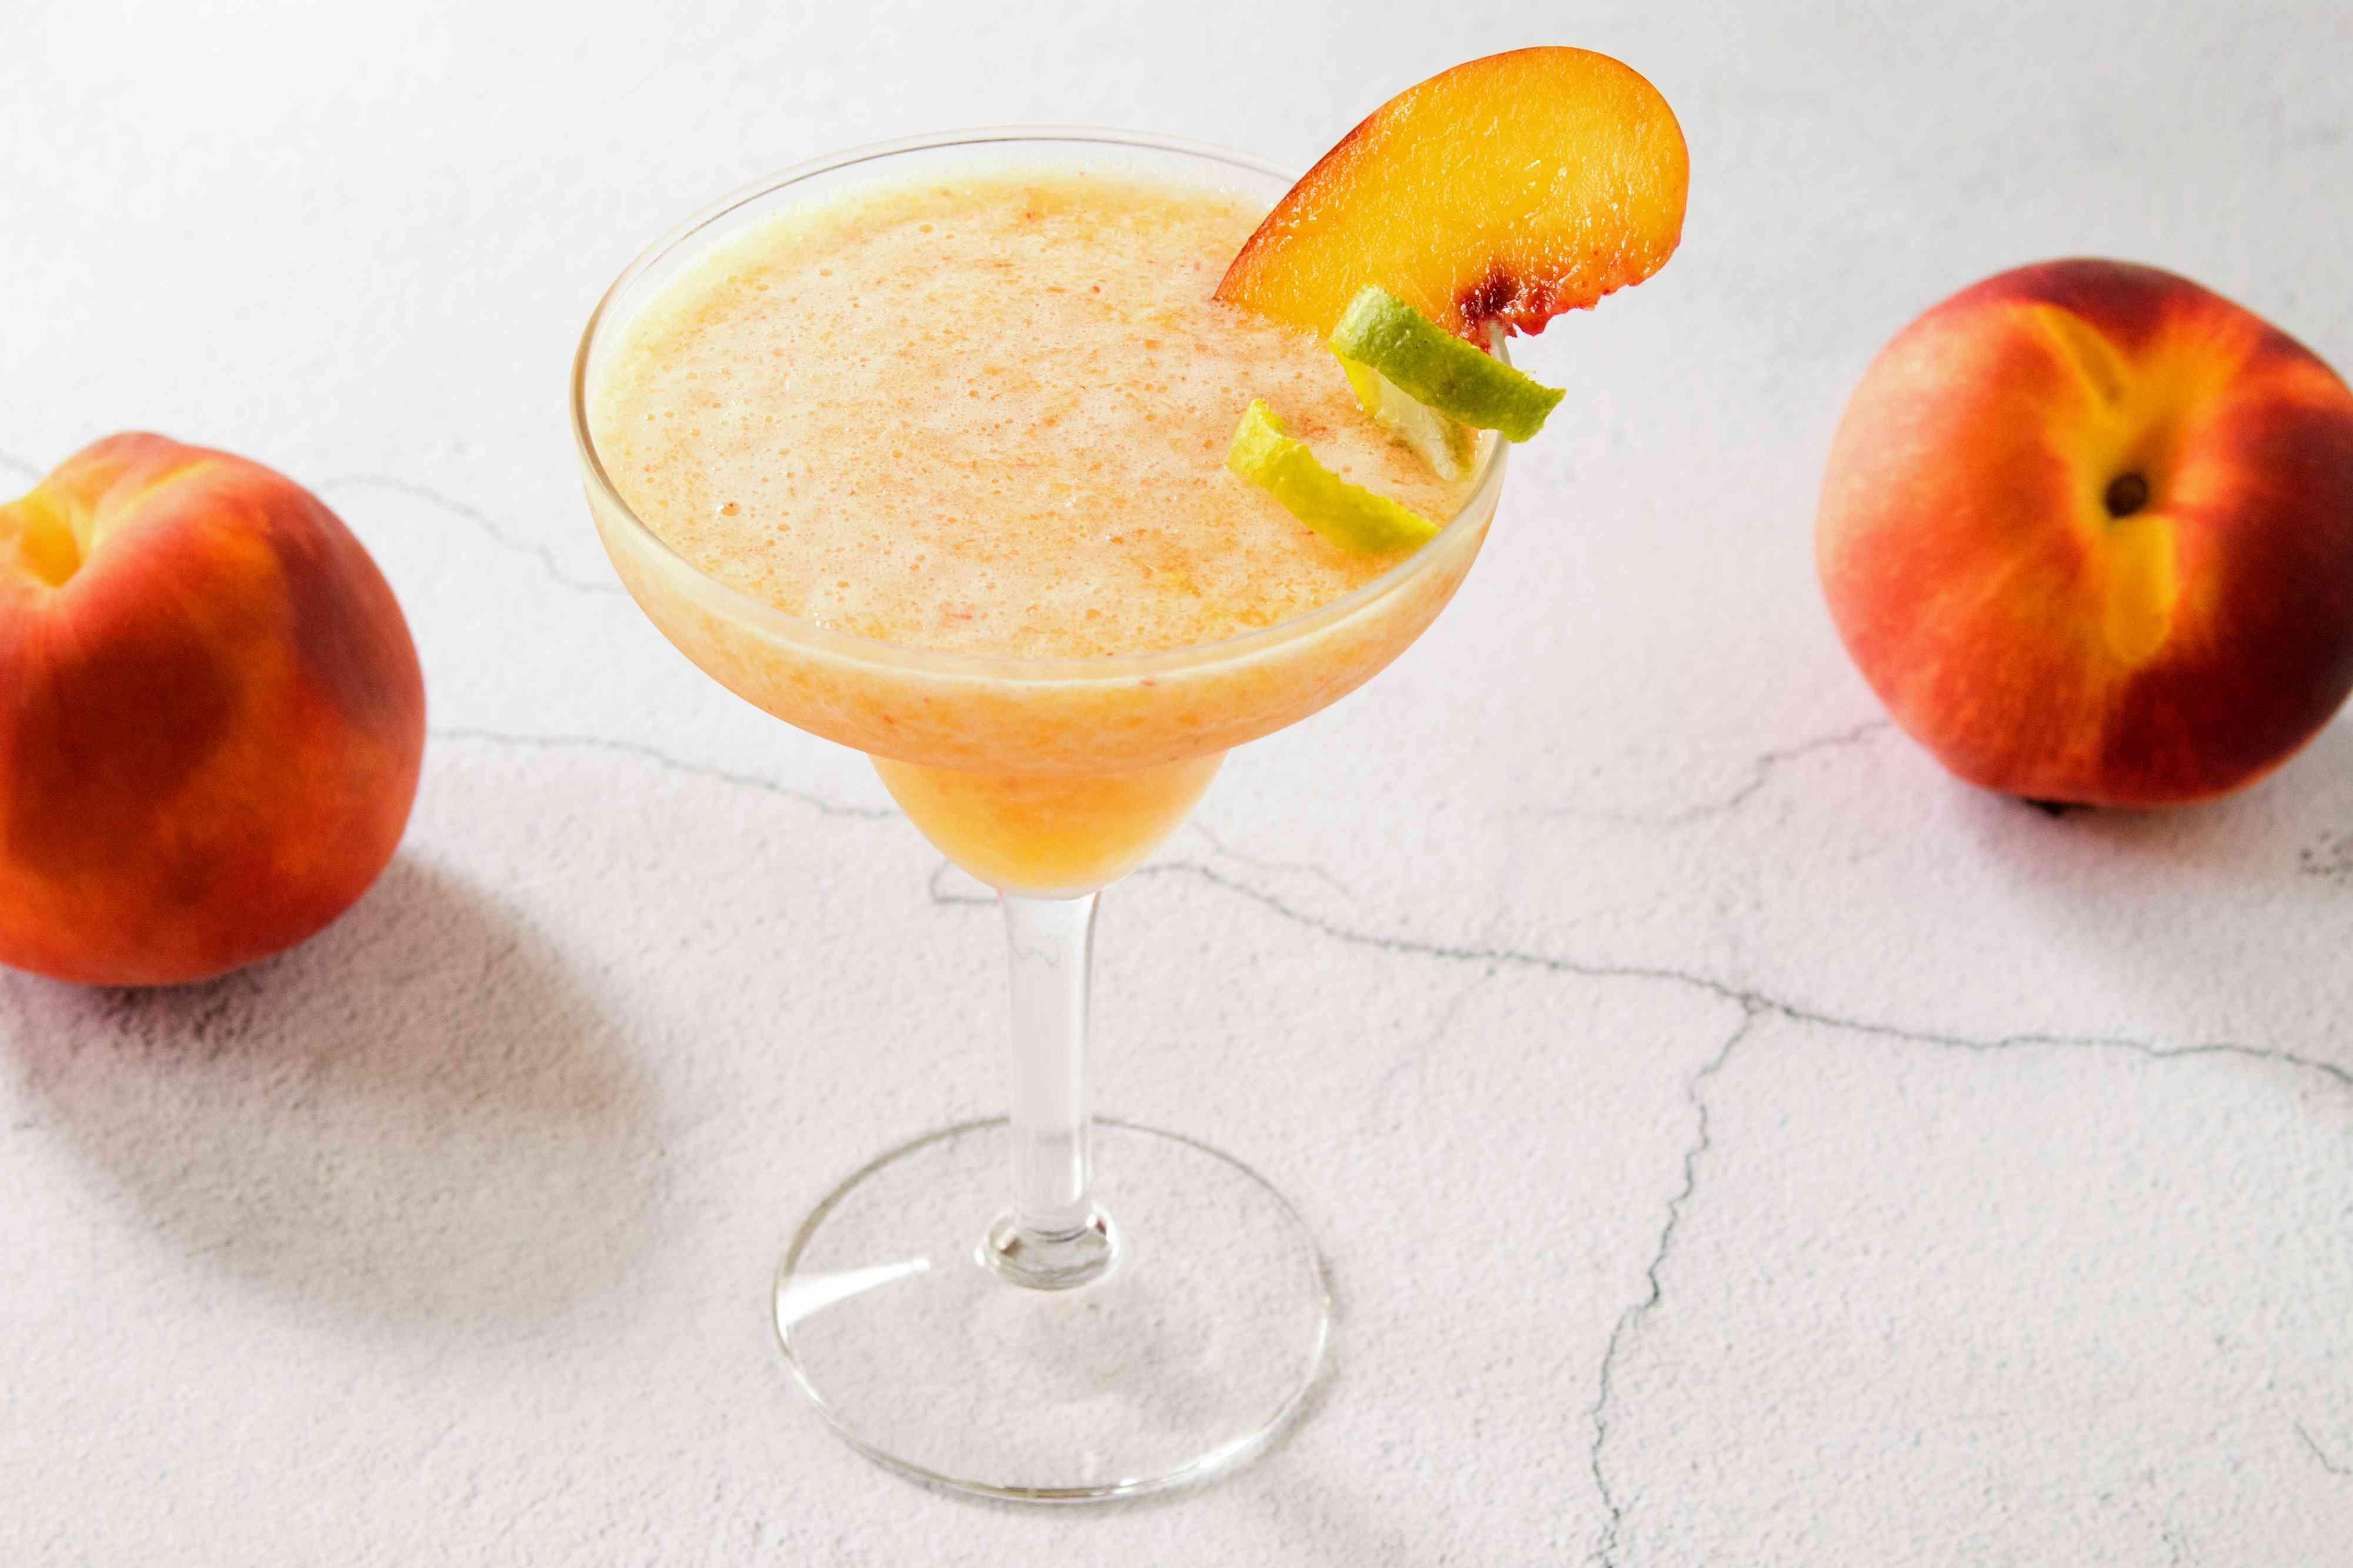 Frozen Peach Margarita with garnishes